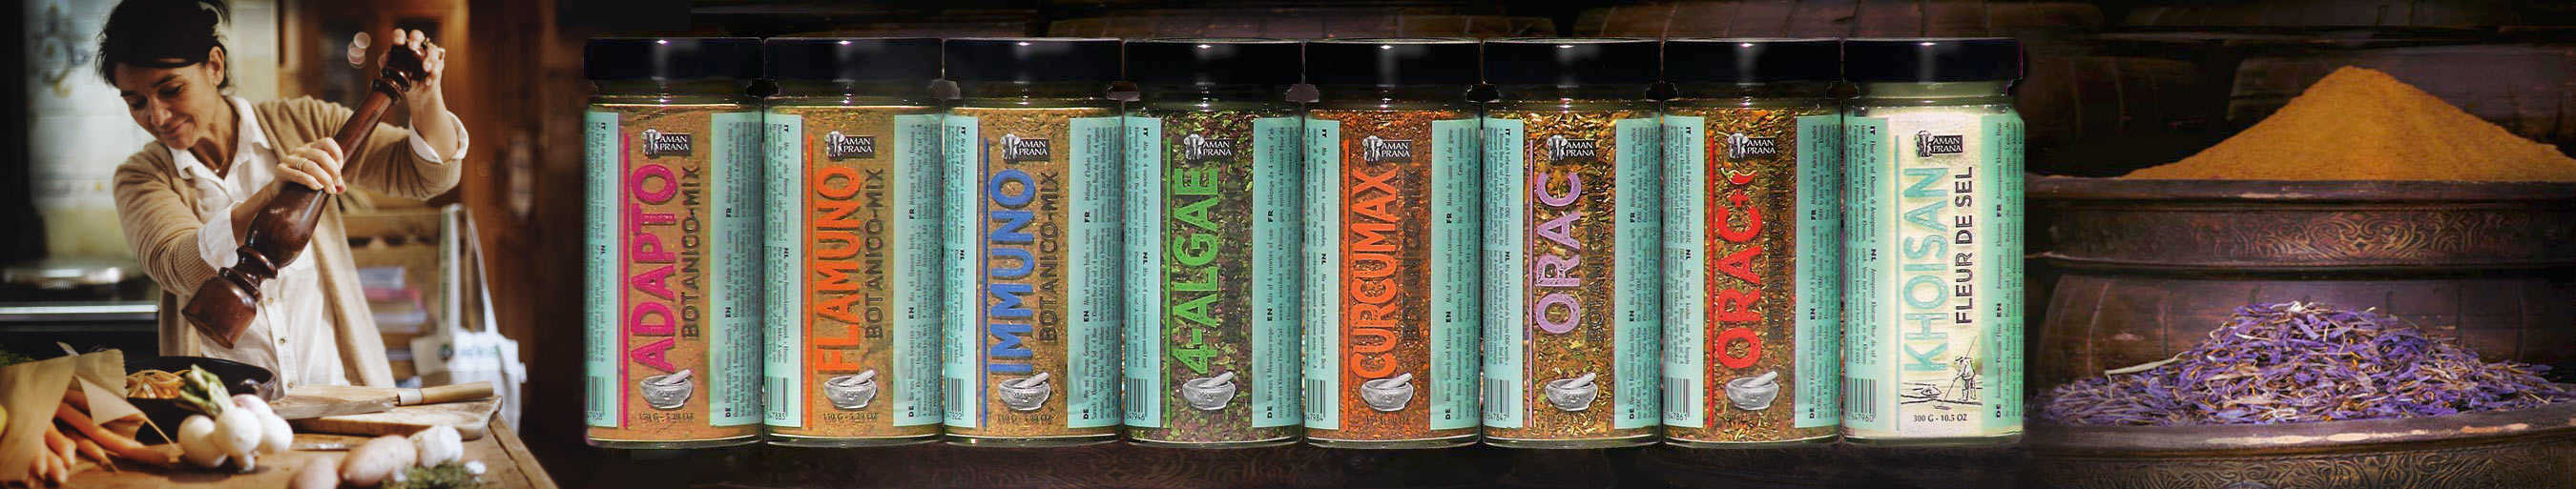 Sammlung von Kräutermischungen in Gläsern mit Amanprana Botanico Kräutermischungen